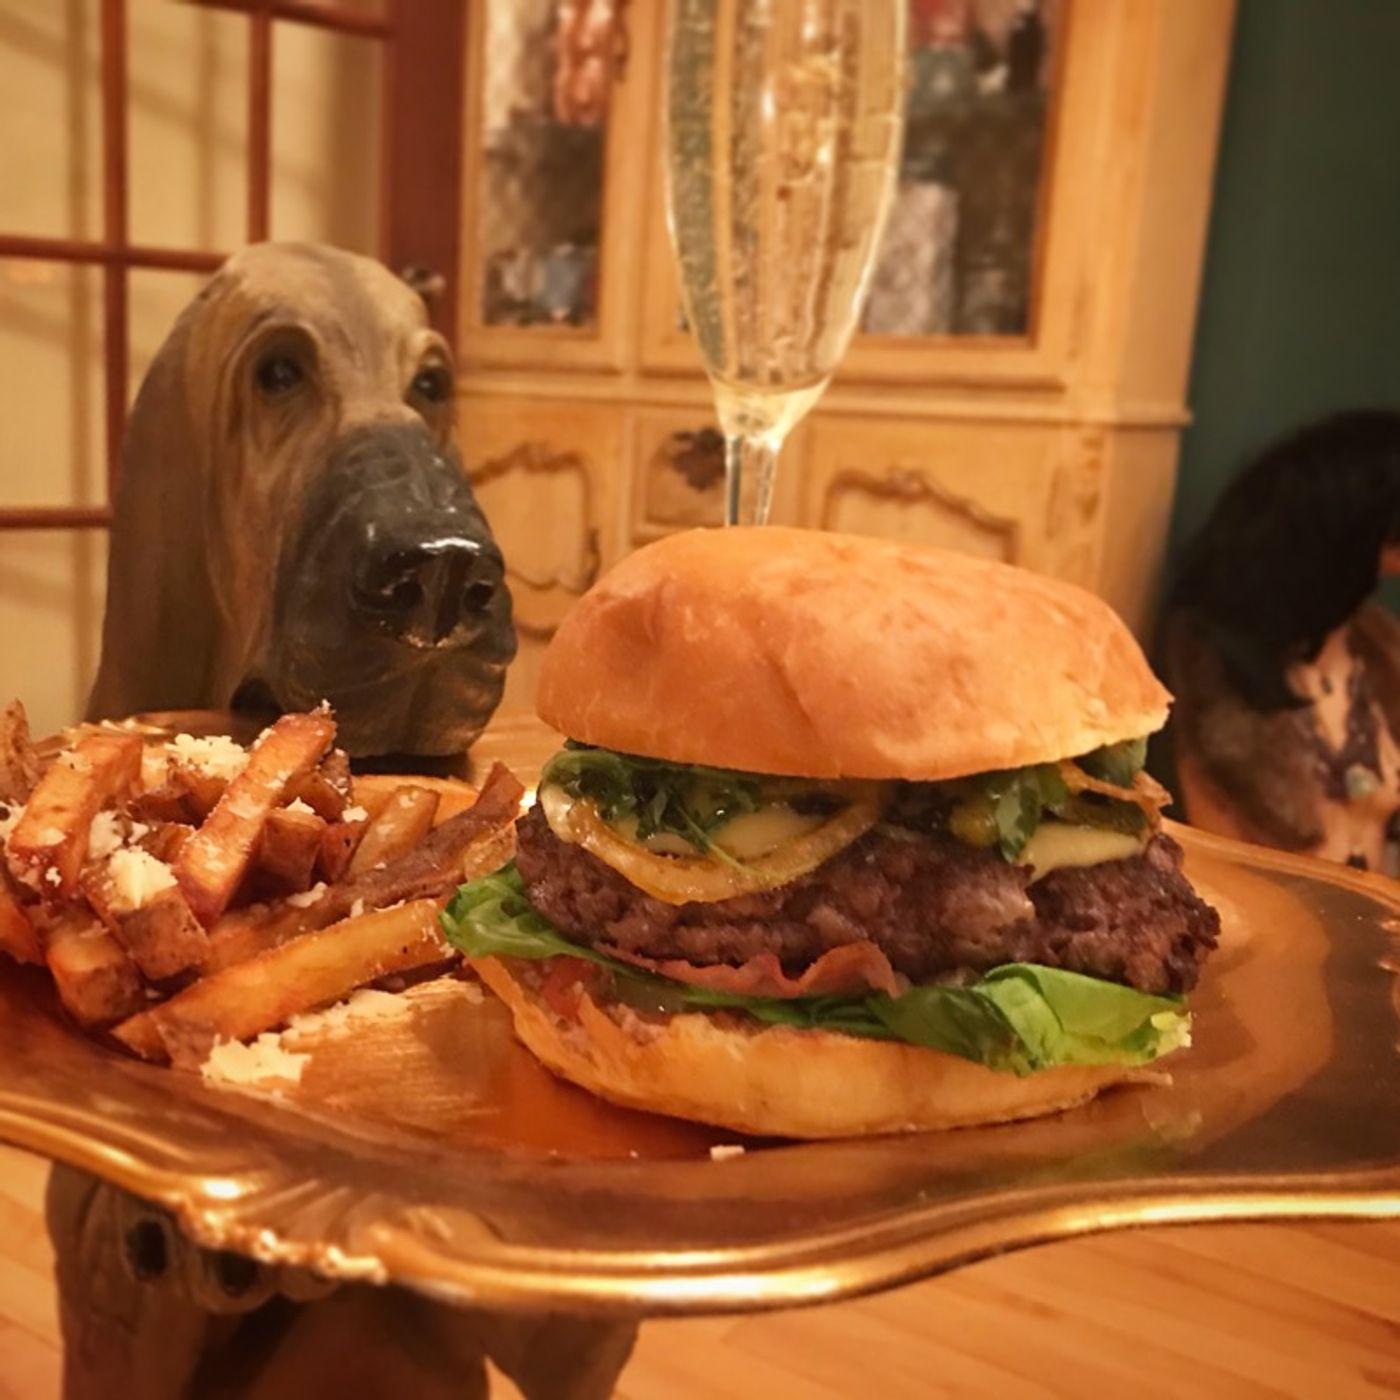 Episode 134: The $100 Burger